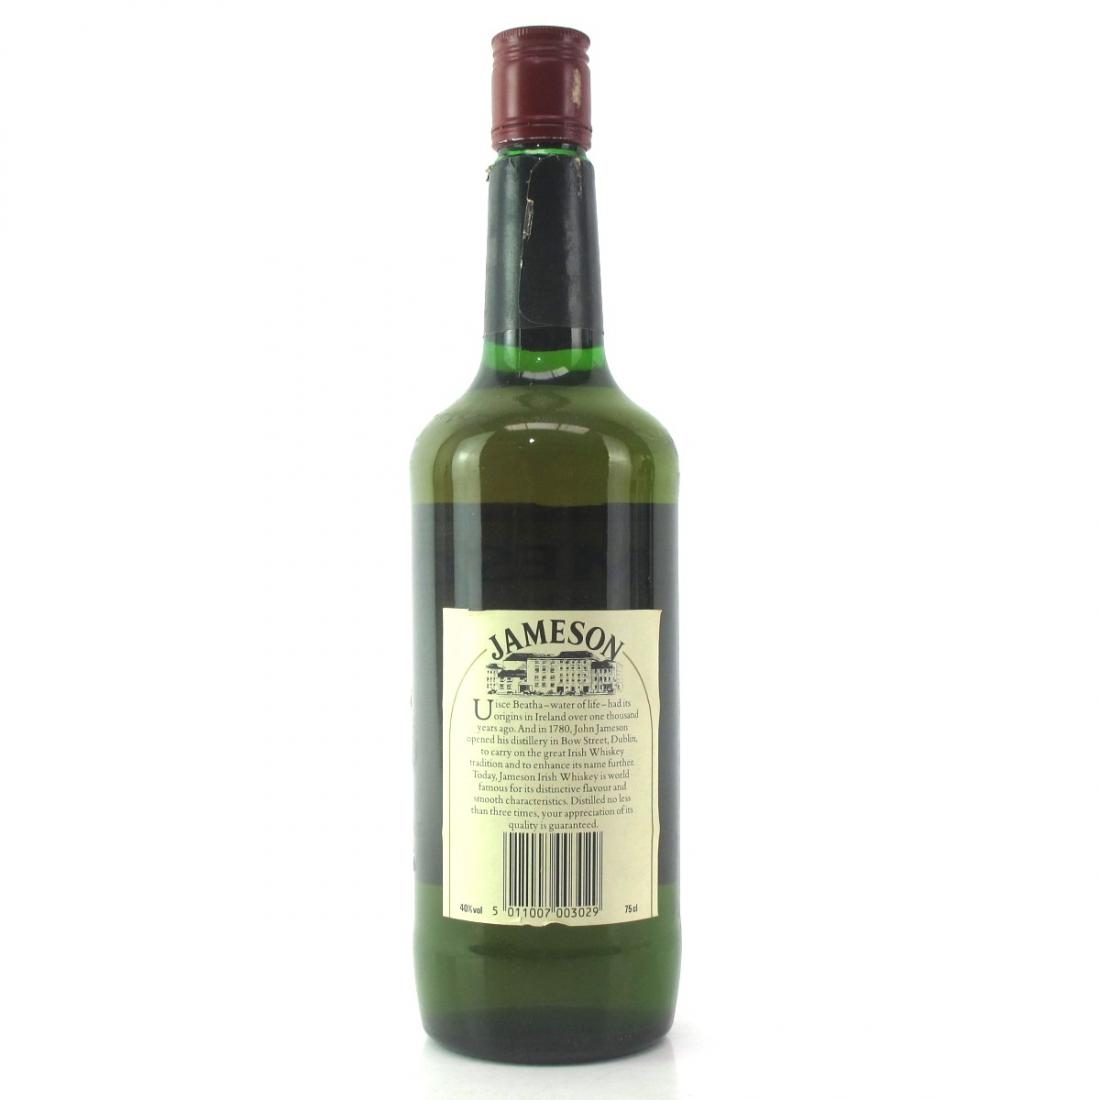 Jameson Irish Whiskey 1980s